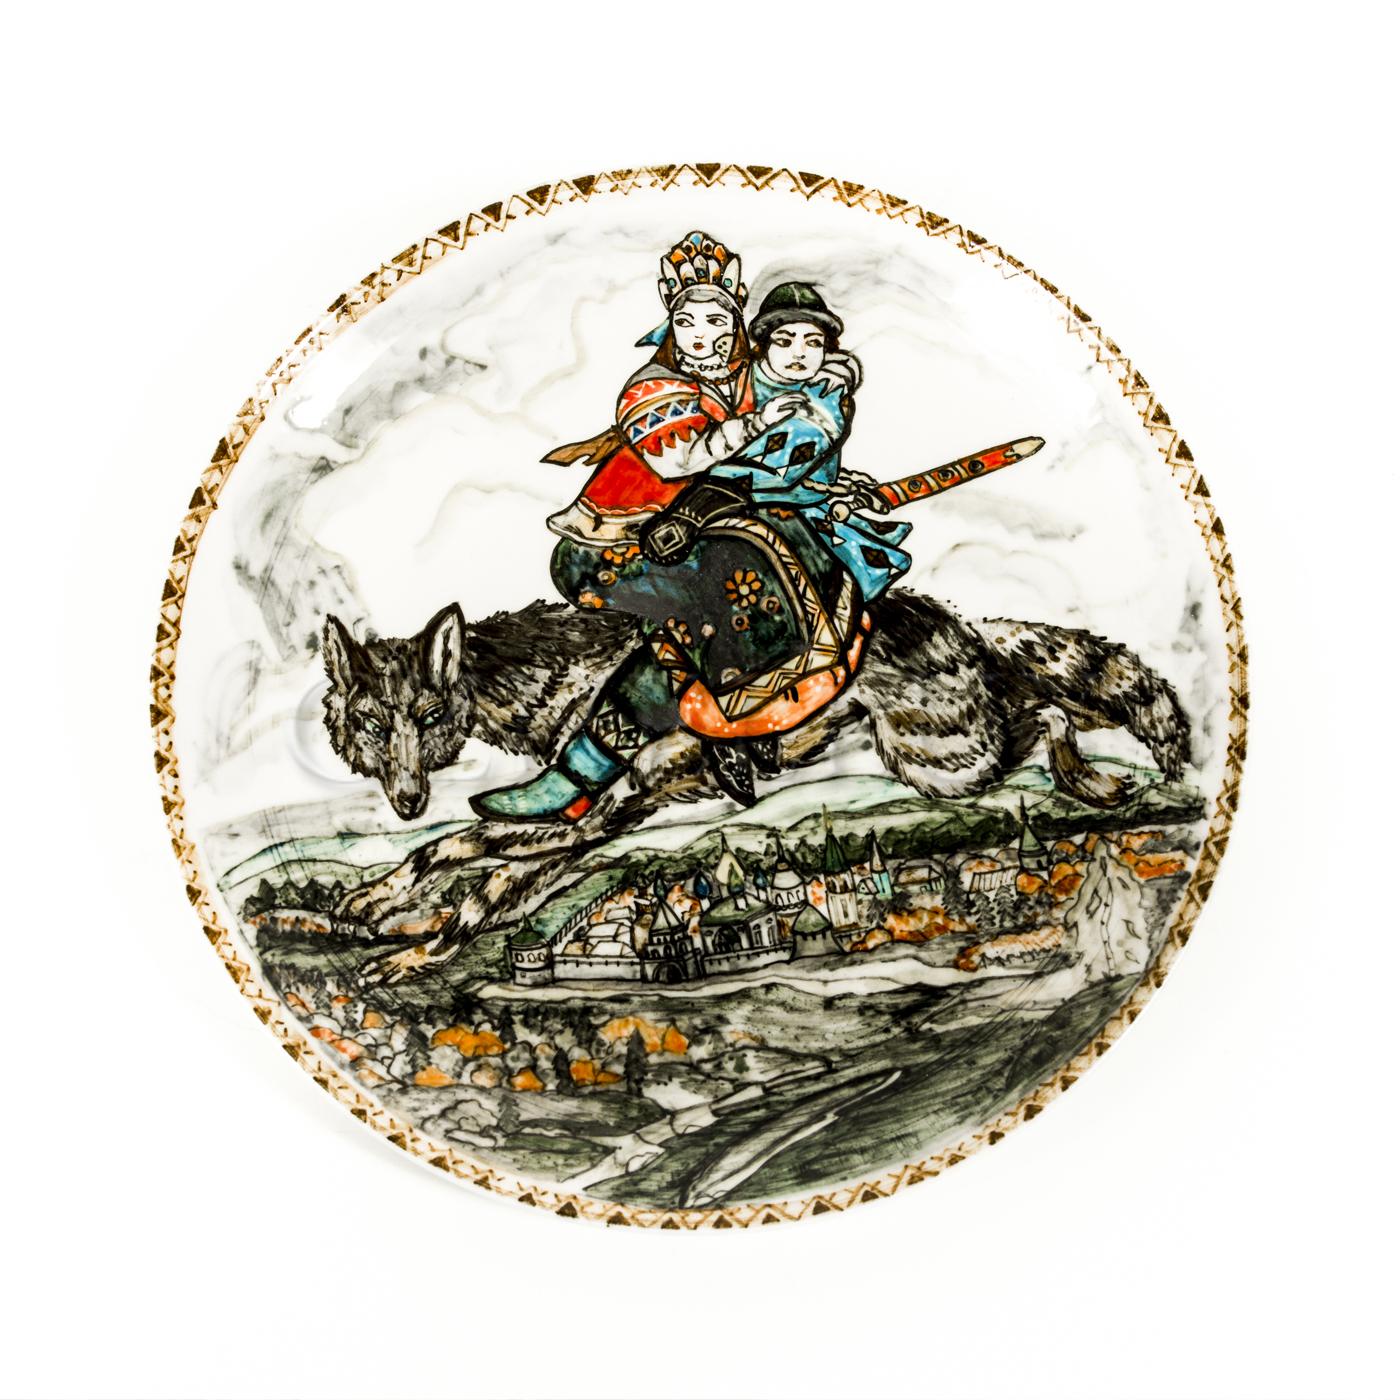 Тарелка декоративная «Иван царевич и серый волк»